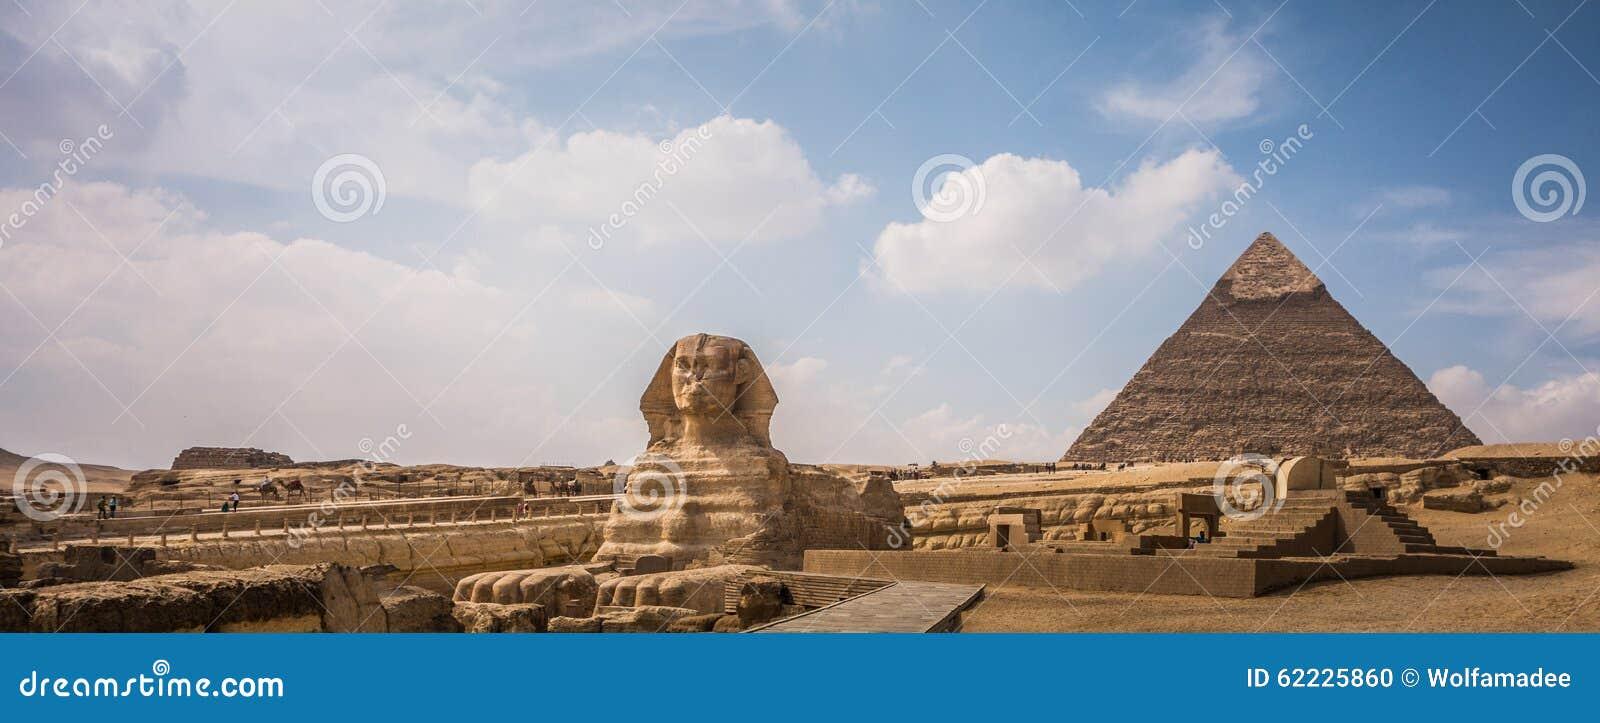 Pyramides de Gizeh avec le sphinx, Egypte